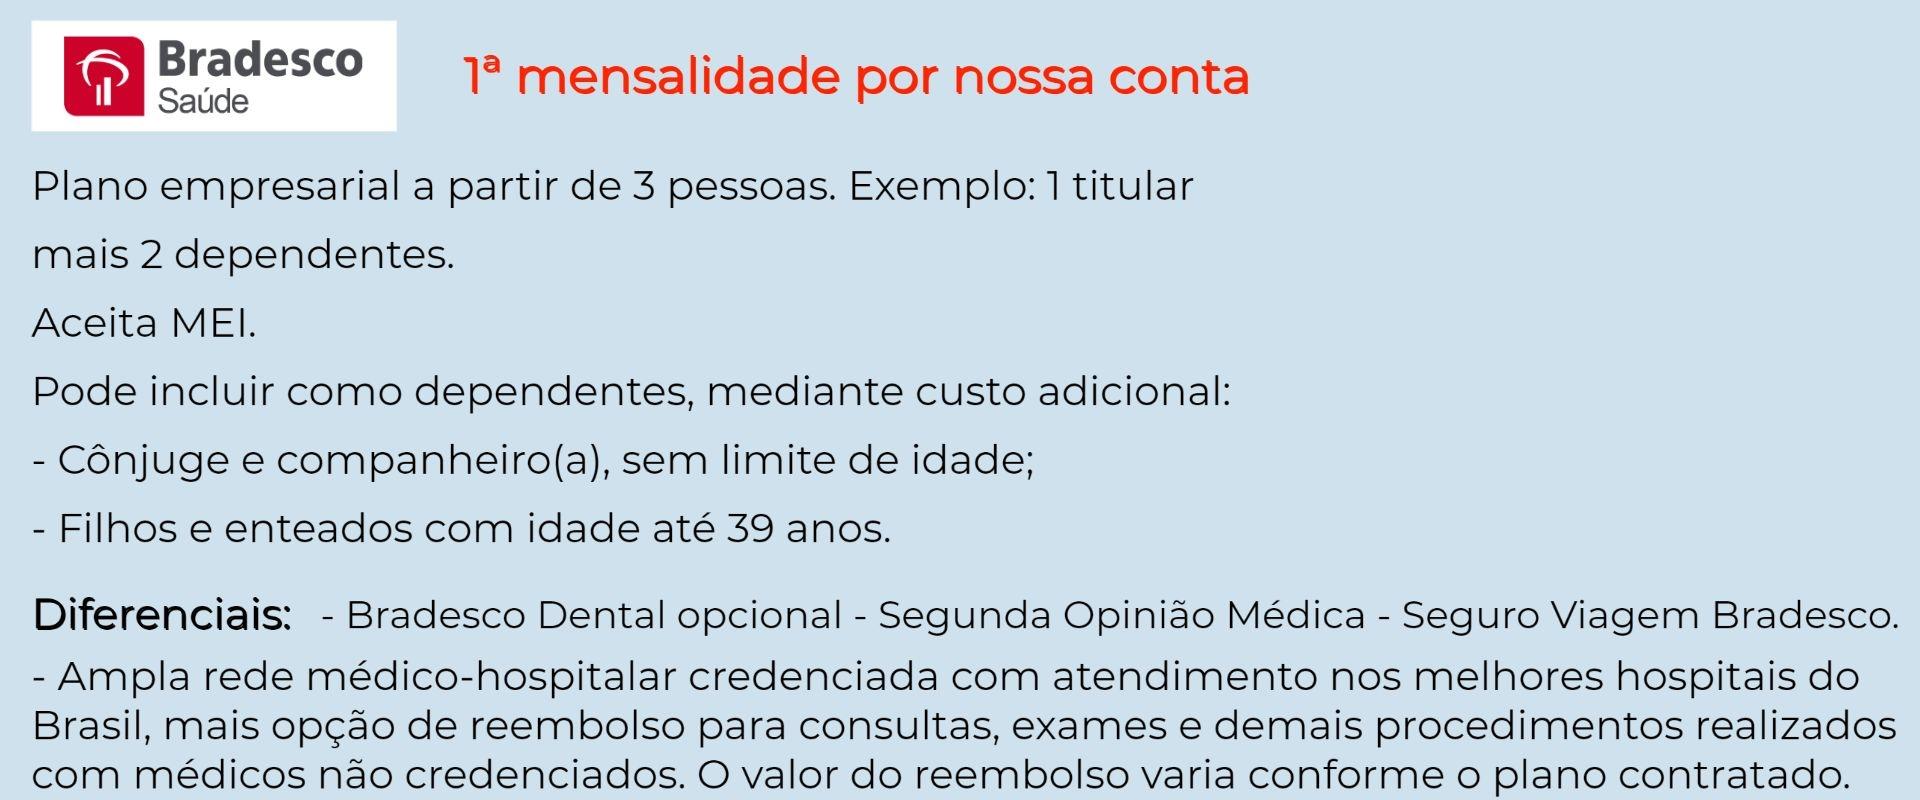 Bradesco Saúde Empresarial - São José dos Campos